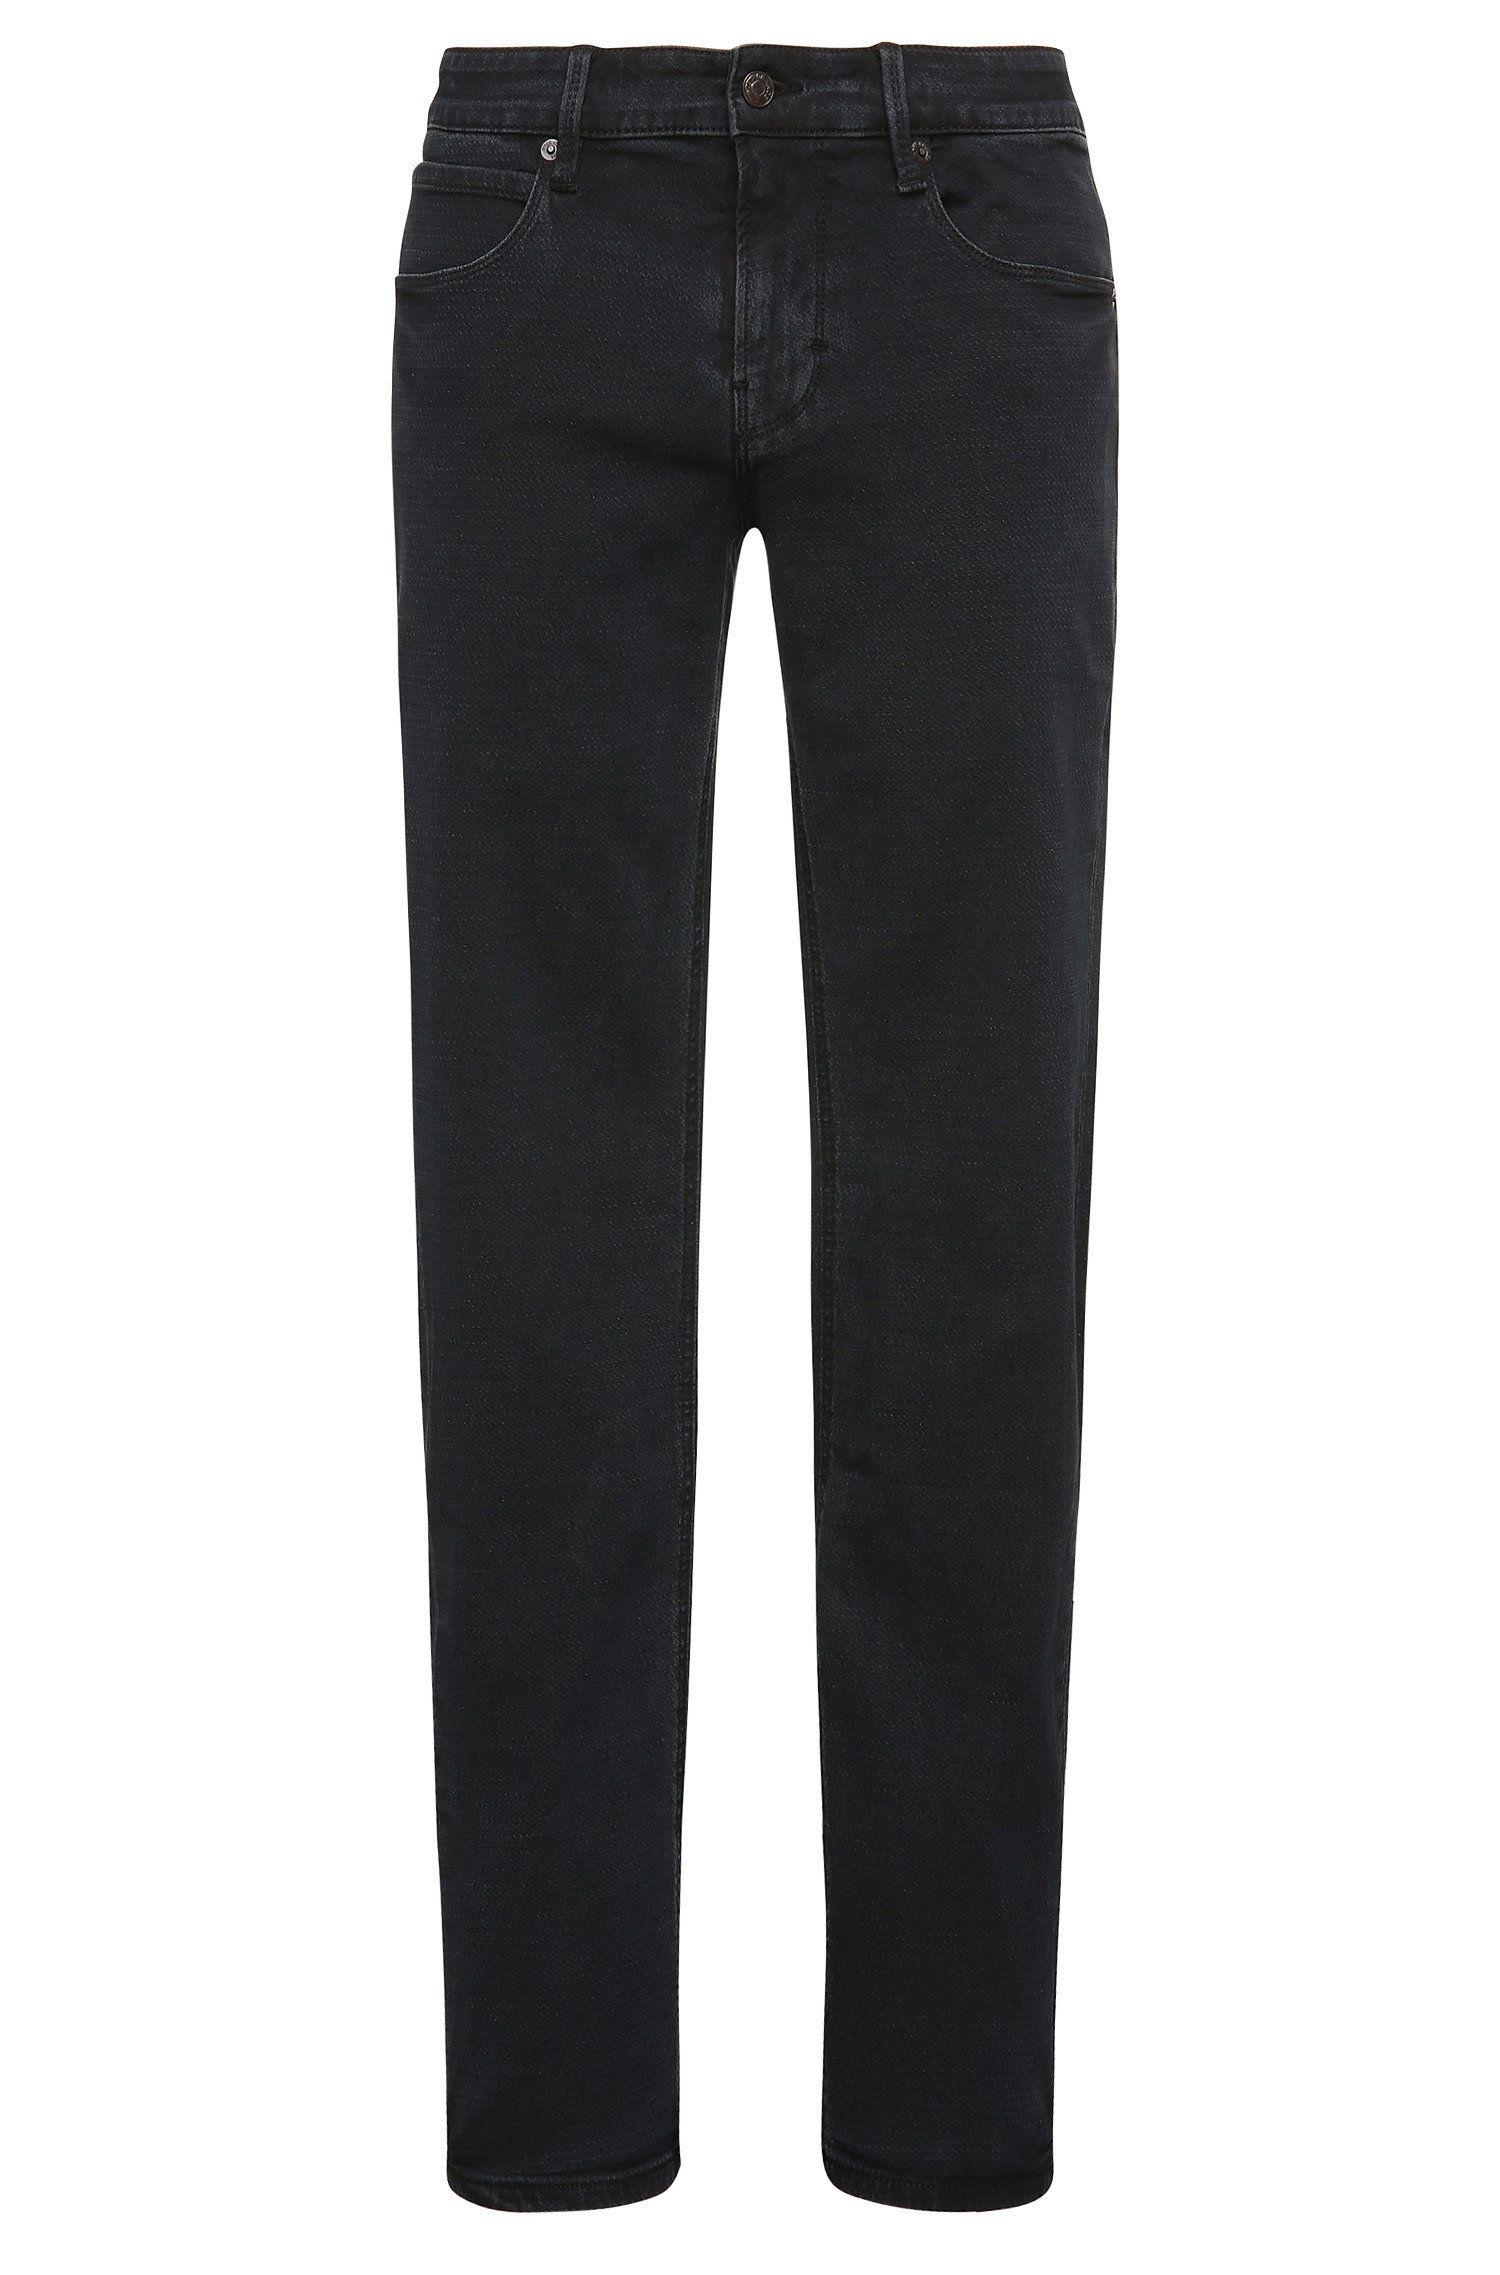 9 oz Stretch Cotton Blend Jeans, Slim Leg | Orange63